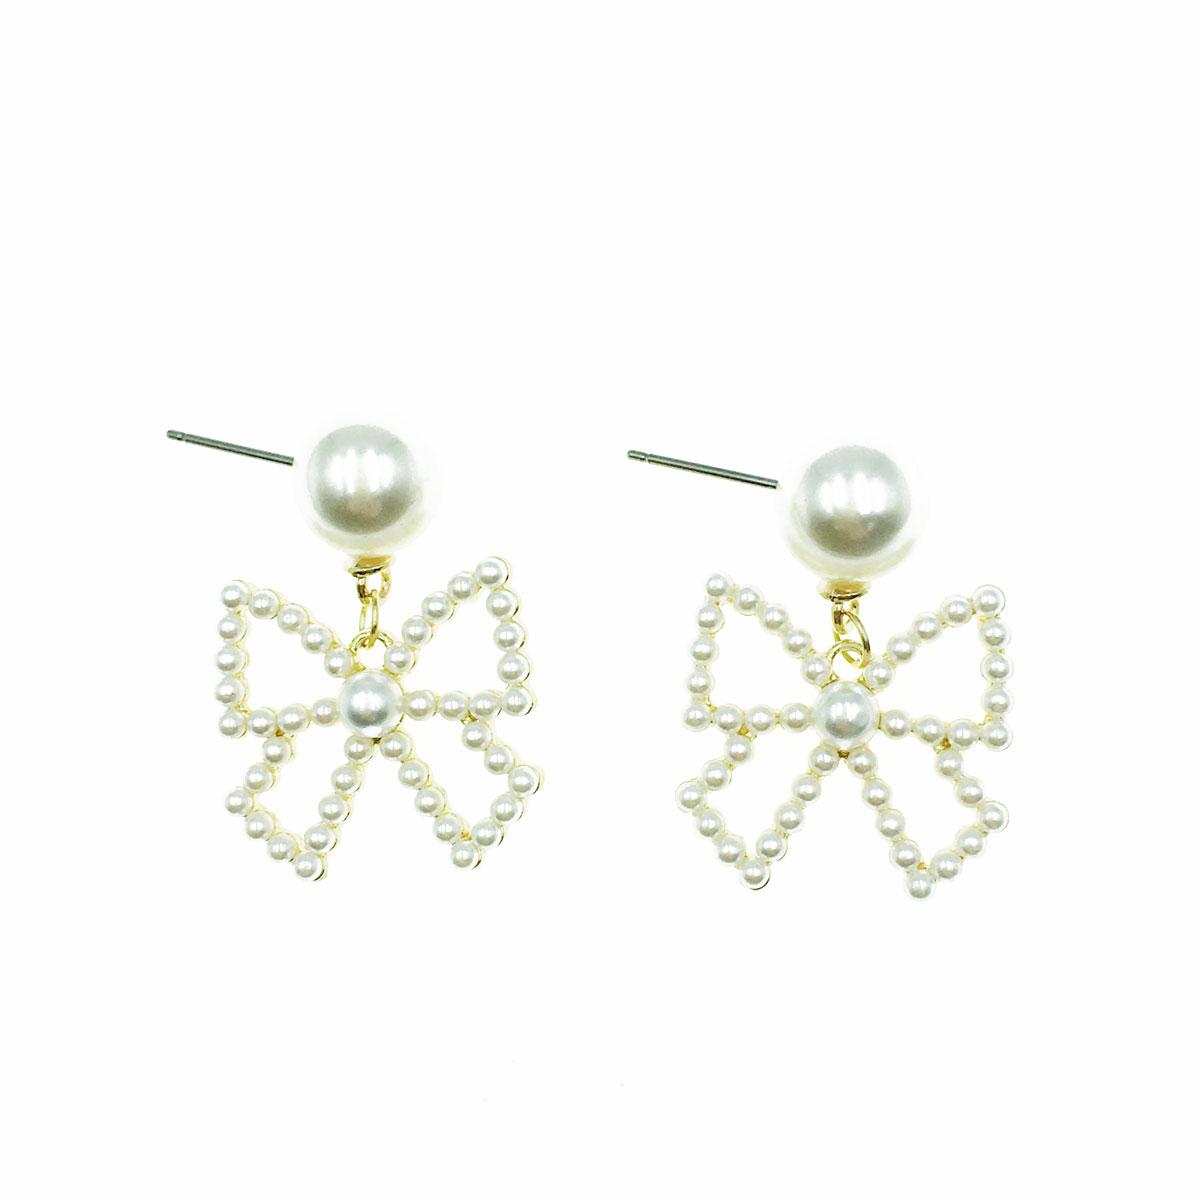 韓國 珍珠 蝴蝶結 簍空 垂墜感 耳針式 耳環